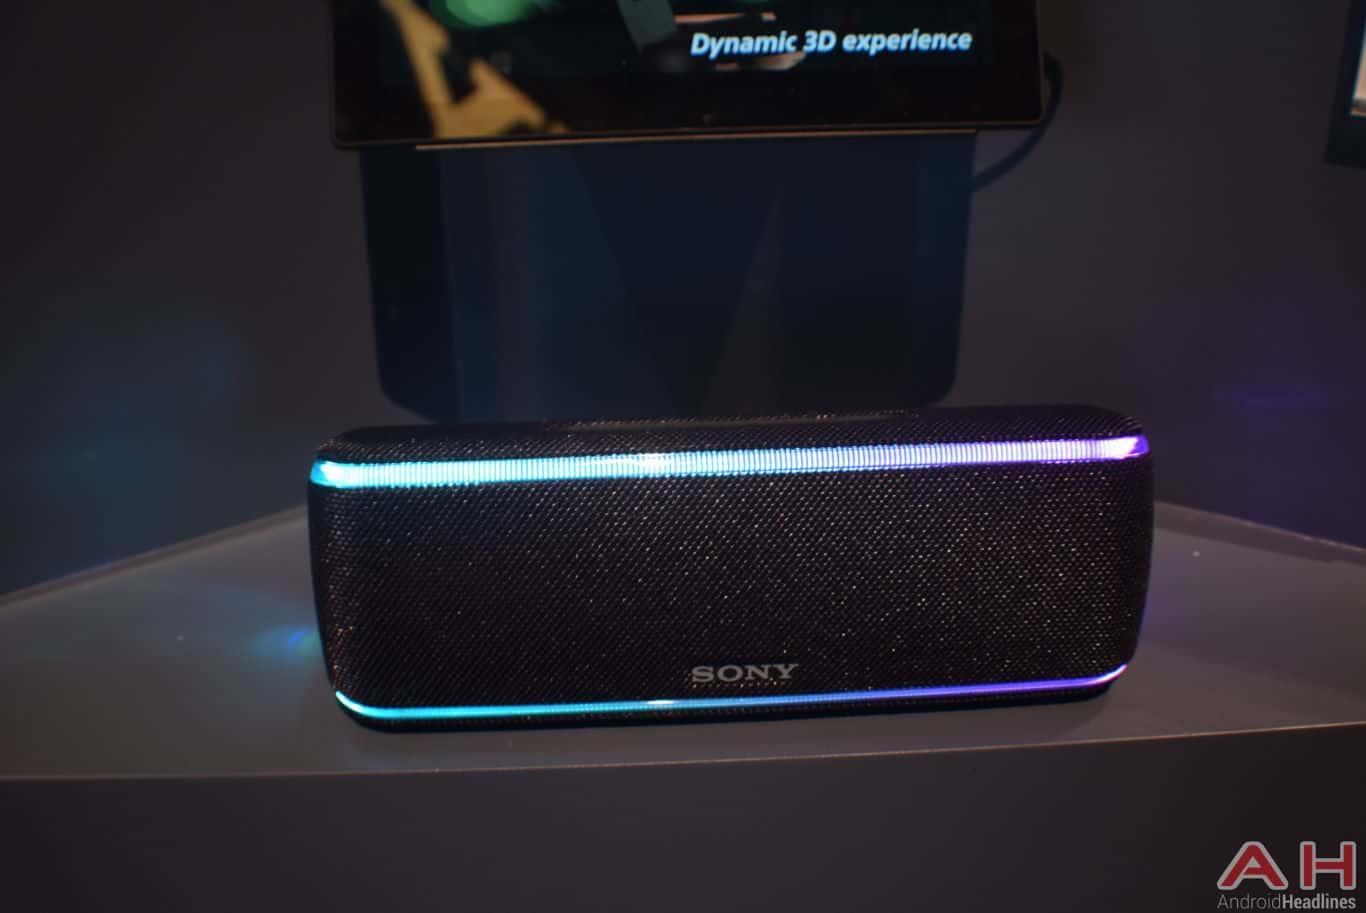 Sony SRS XB41 EXTRA BASS CES 2018 AH 5